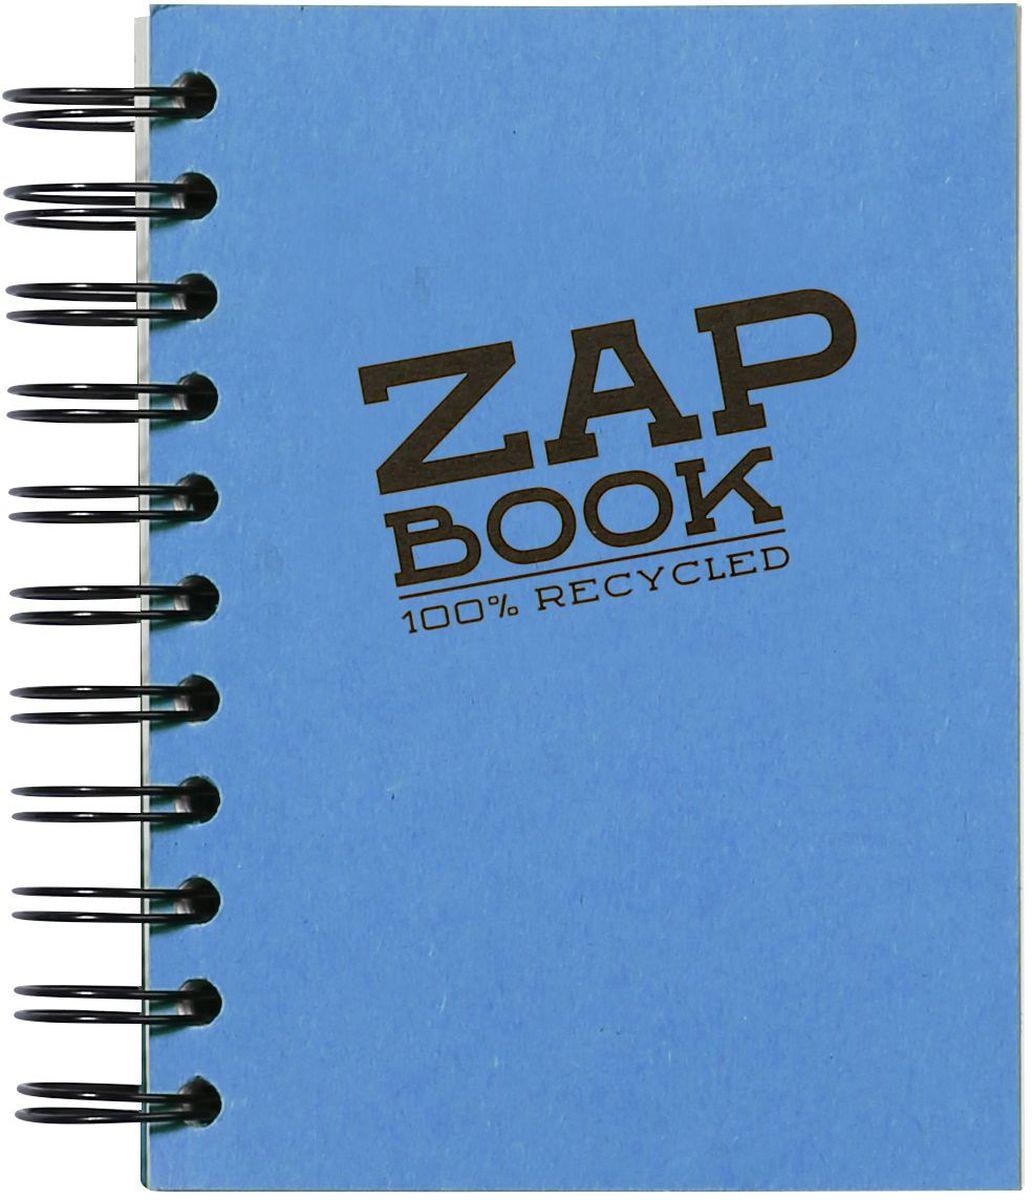 Блокнот Clairefontaine Zap Book, на спирали, цвет: синий, формат A6, 160 листов8353СОригинальный блокнот Clairefontaine идеально подойдет для памятных записей, любимых стихов, рисунков и многого другого. Плотная обложкапредохраняет листы от порчи изамятия. Такой блокнот станет забавным и практичным подарком - он не затеряется среди бумаг, и долгое время будет вызывать улыбку окружающих.